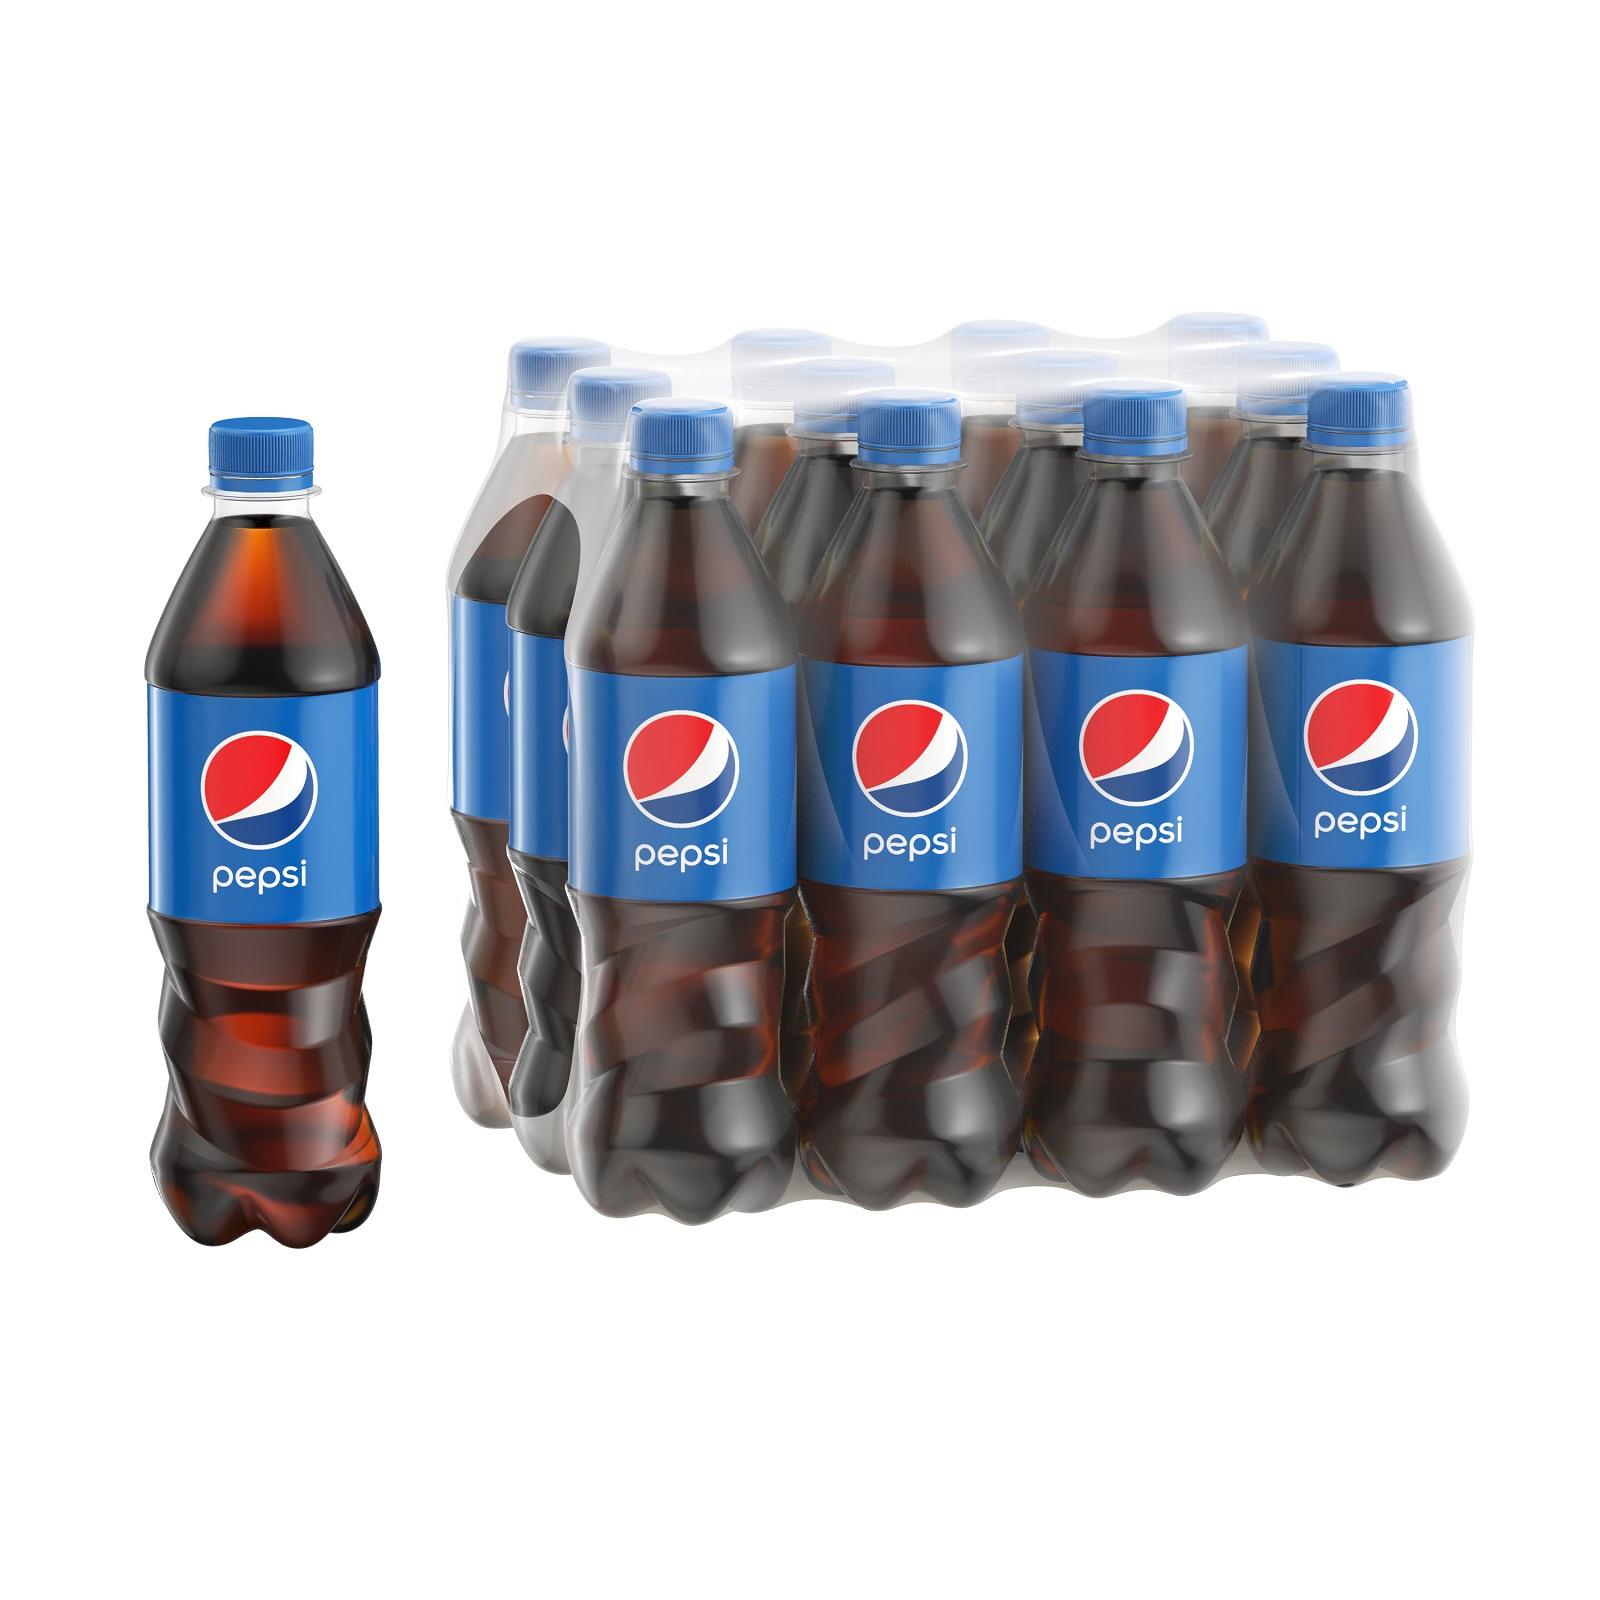 Газированный напиток Pepsi, 12 шт по 500 мл